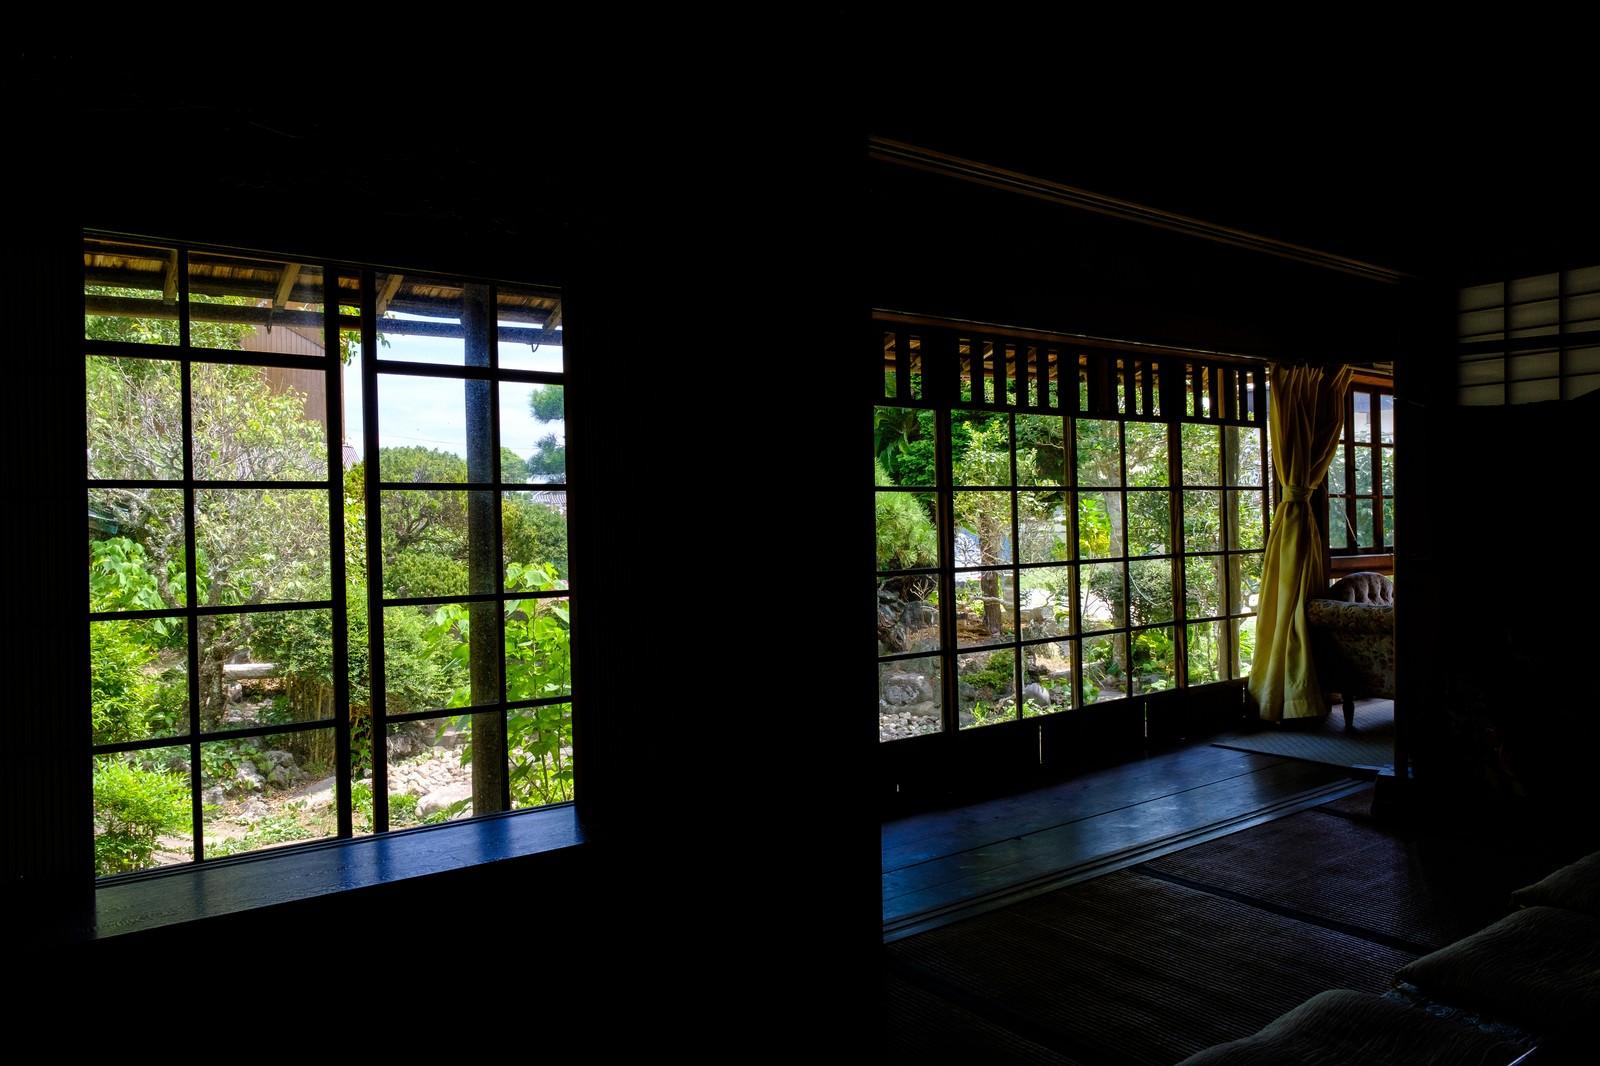 「旧寿屋本家の縁側から見る庭(千葉県一宮町)旧寿屋本家の縁側から見る庭(千葉県一宮町)」のフリー写真素材を拡大